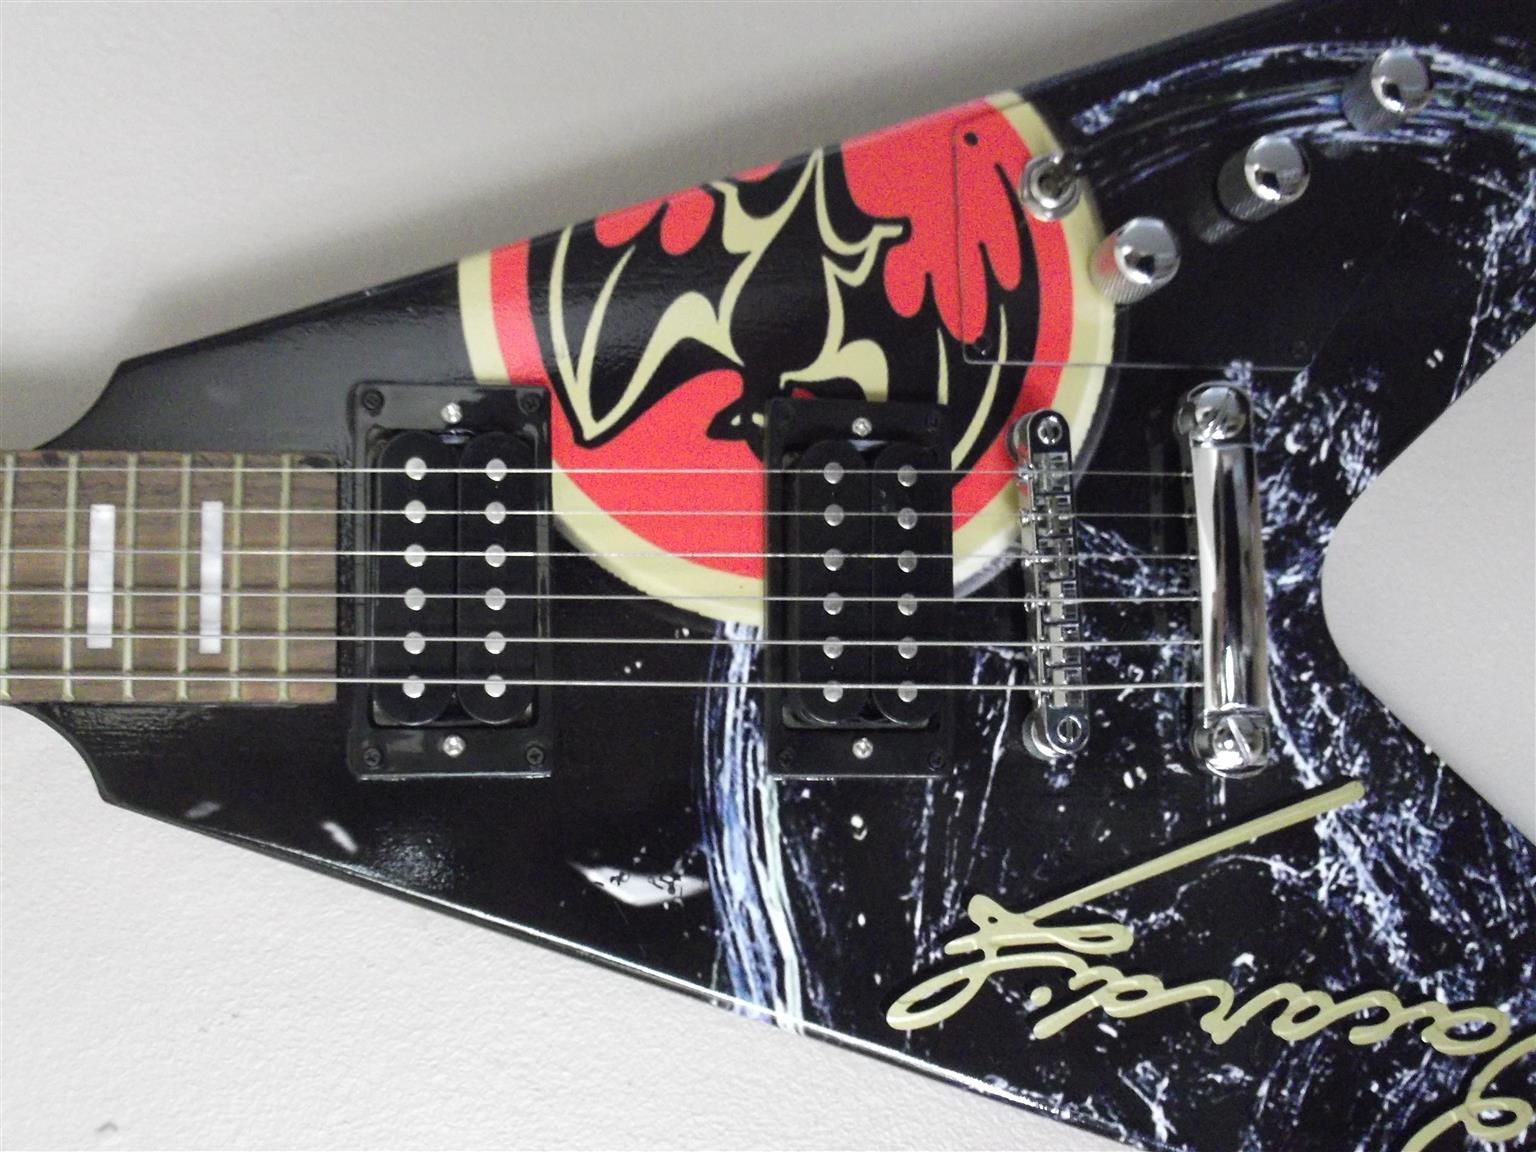 Flying V Bacardi Guitar for sale